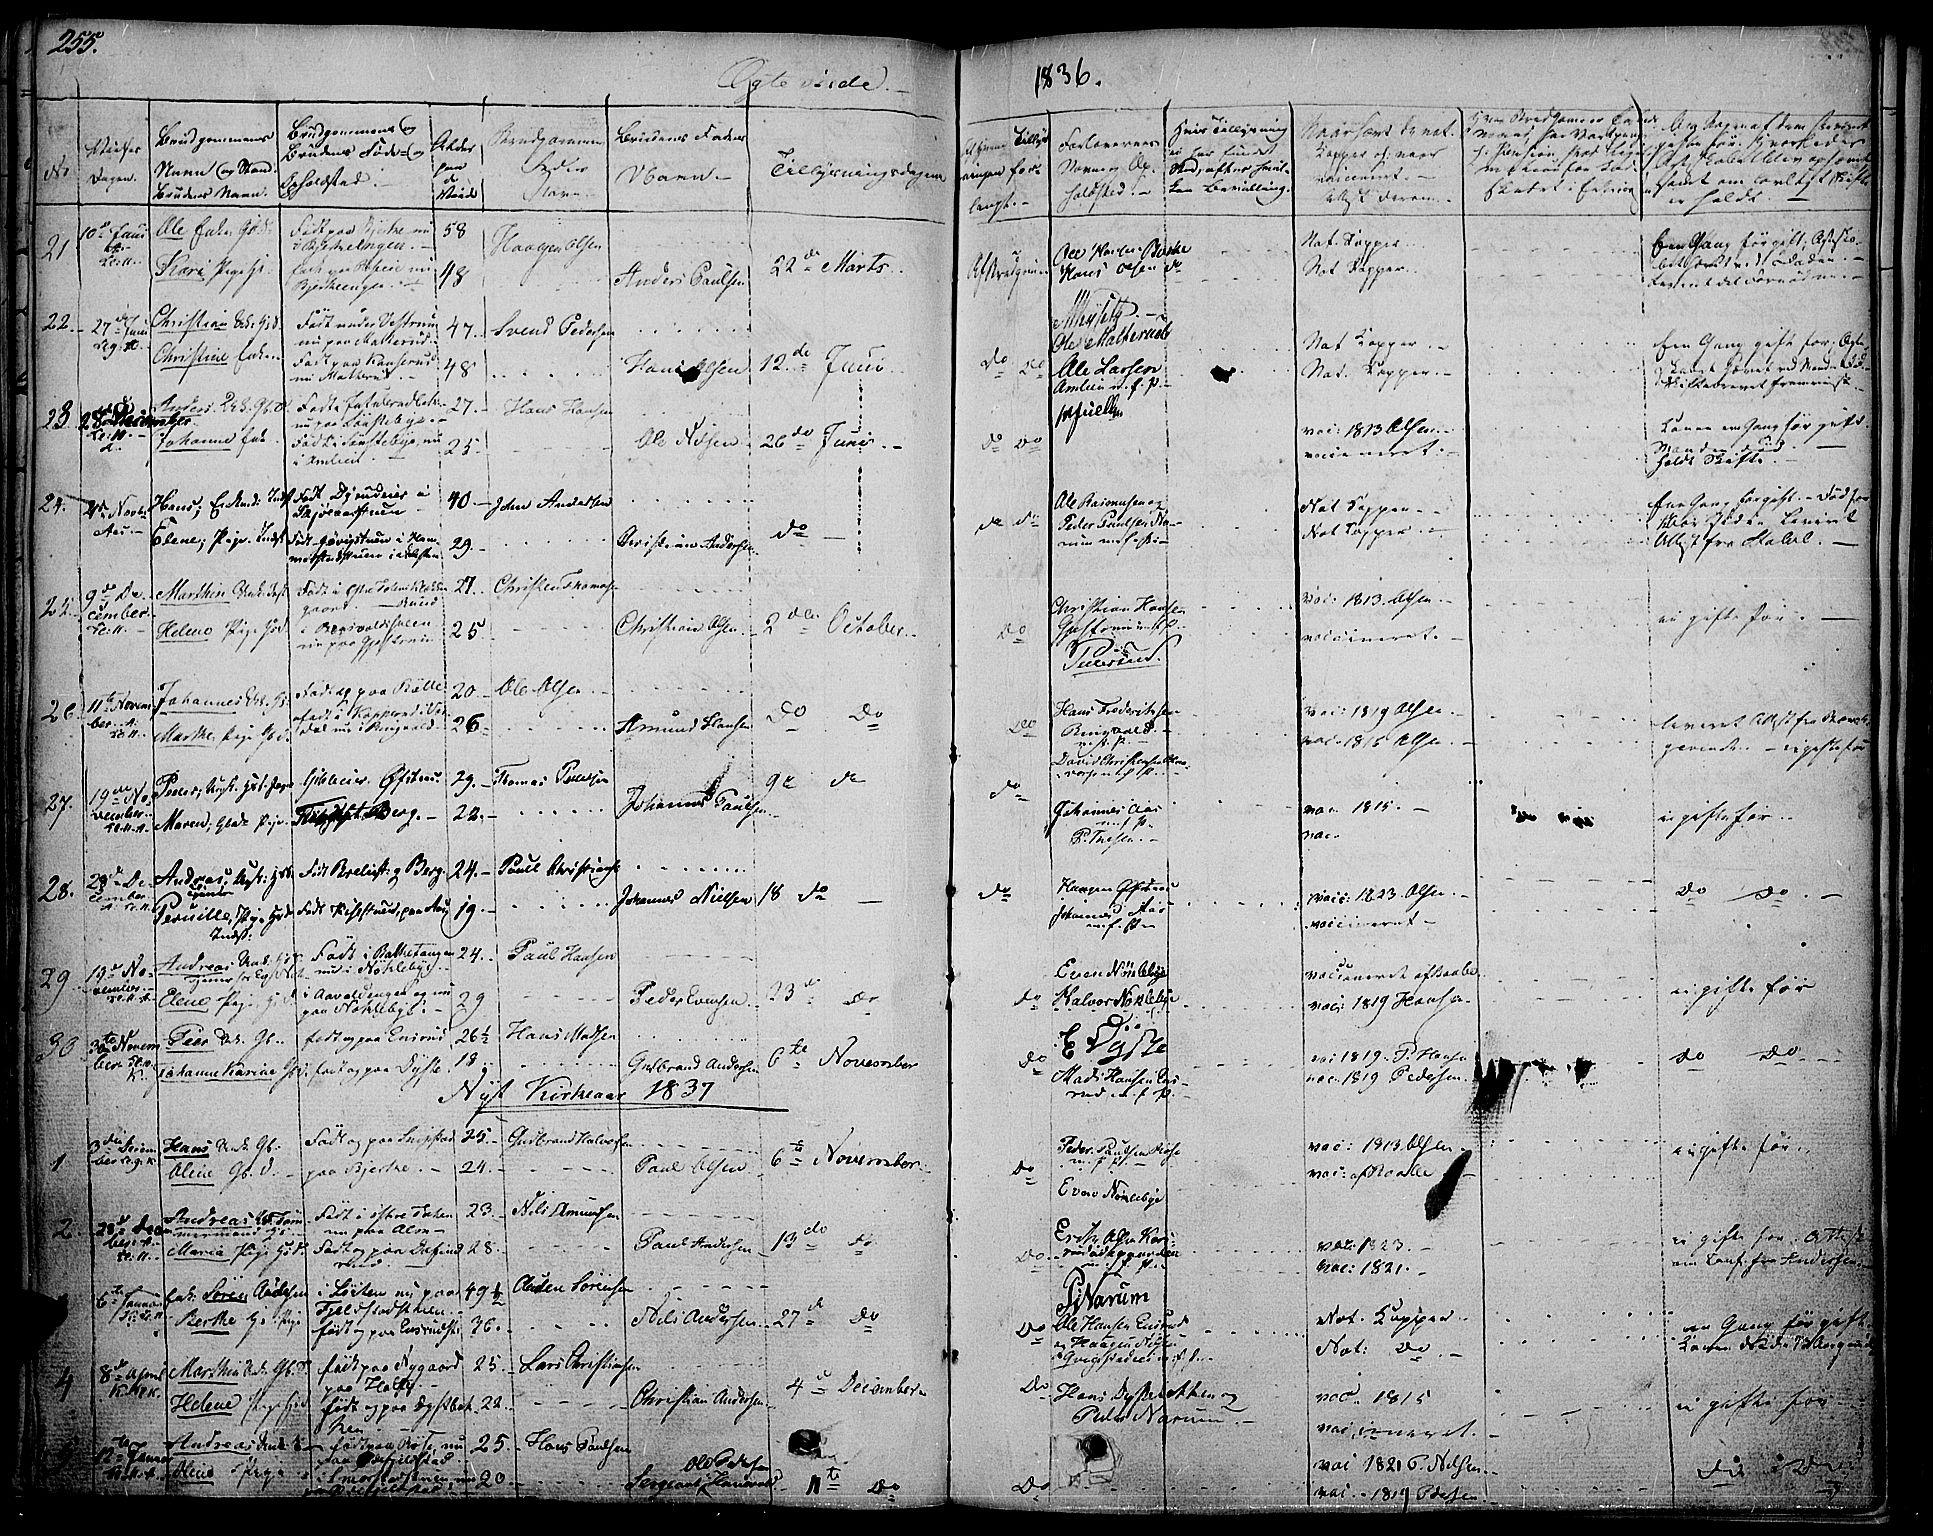 SAH, Vestre Toten prestekontor, Ministerialbok nr. 2, 1825-1837, s. 255